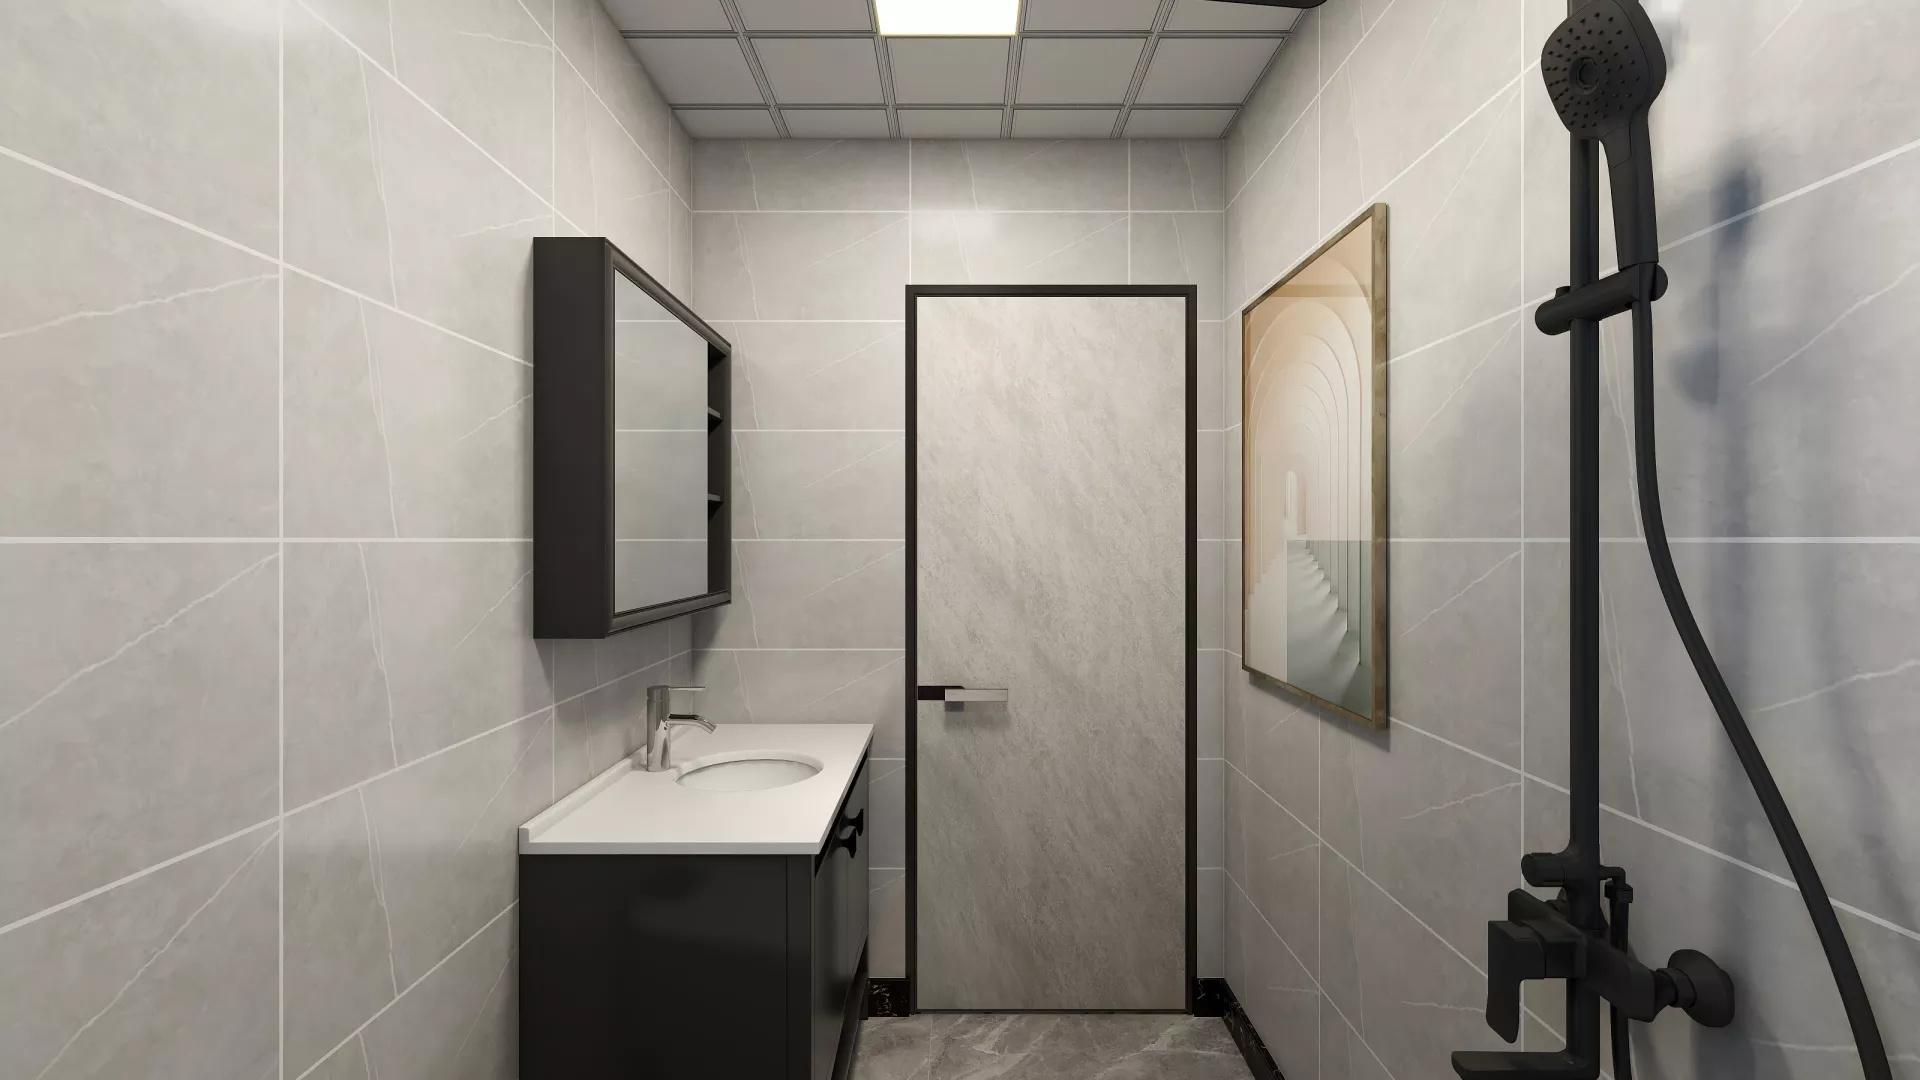 紅木浴室柜哪些品牌好 紅木浴室柜品牌排行